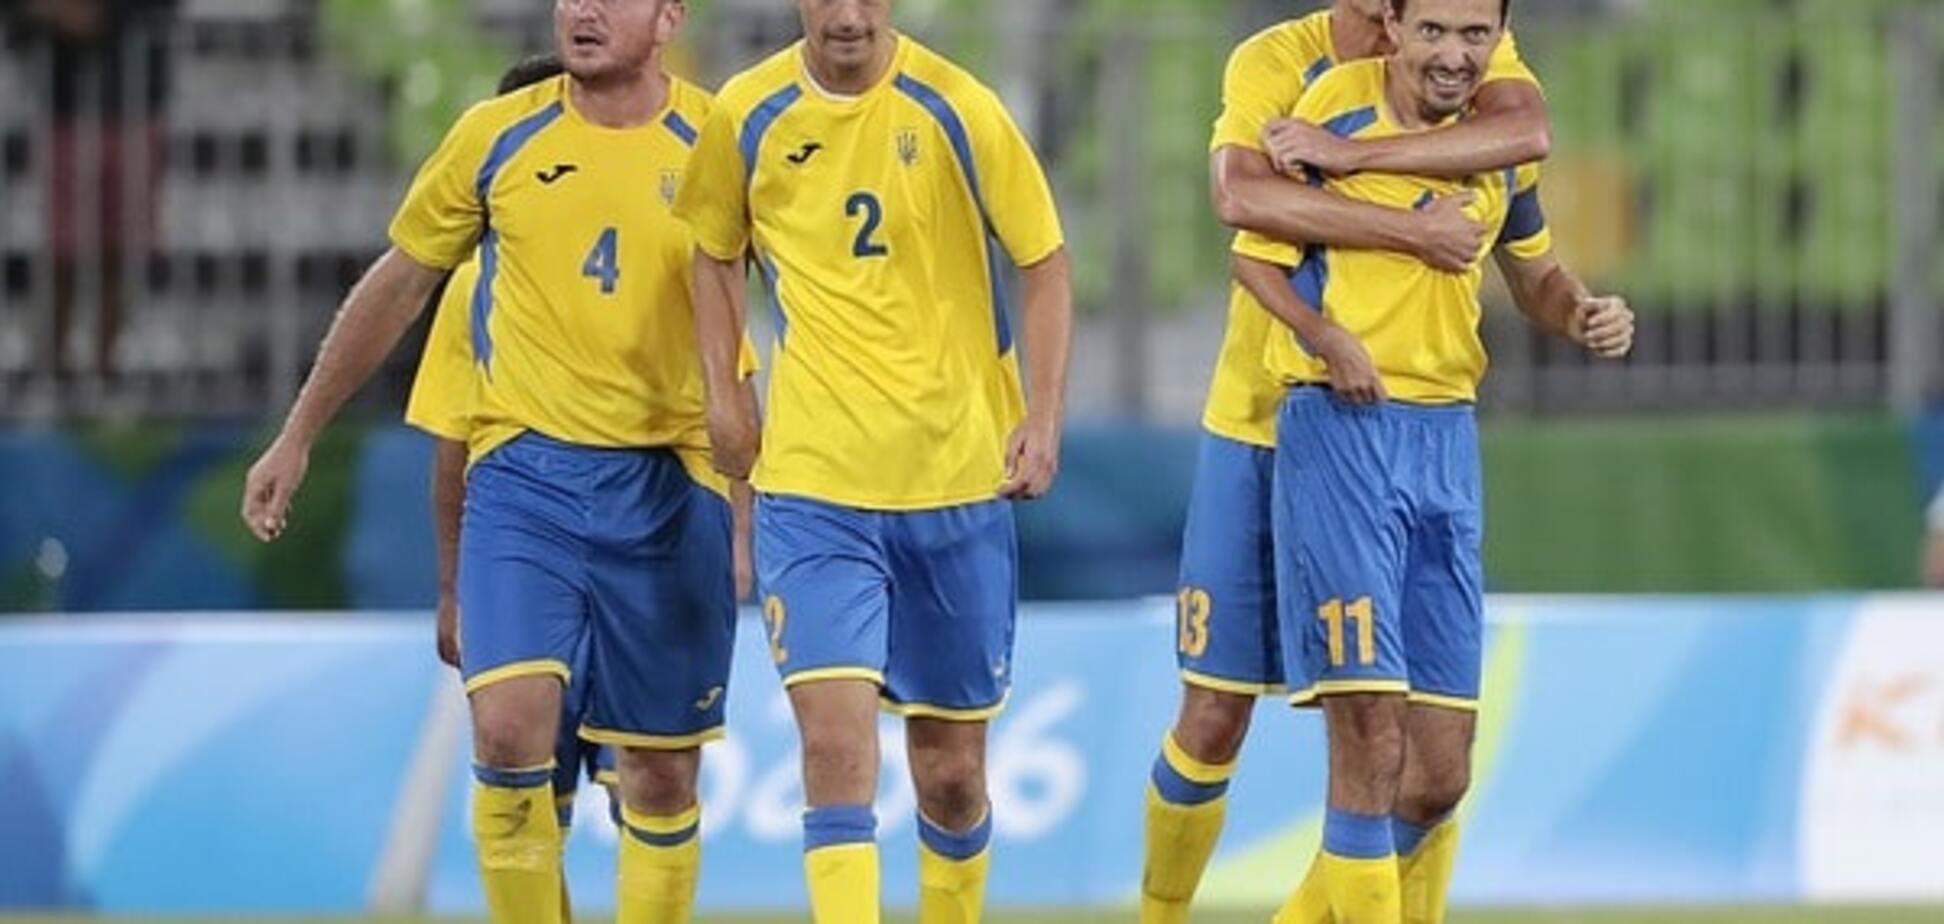 'Низкий поклон': сборная Украины по футболу посвятила победу на Паралимпиаде-2016 воинам АТО